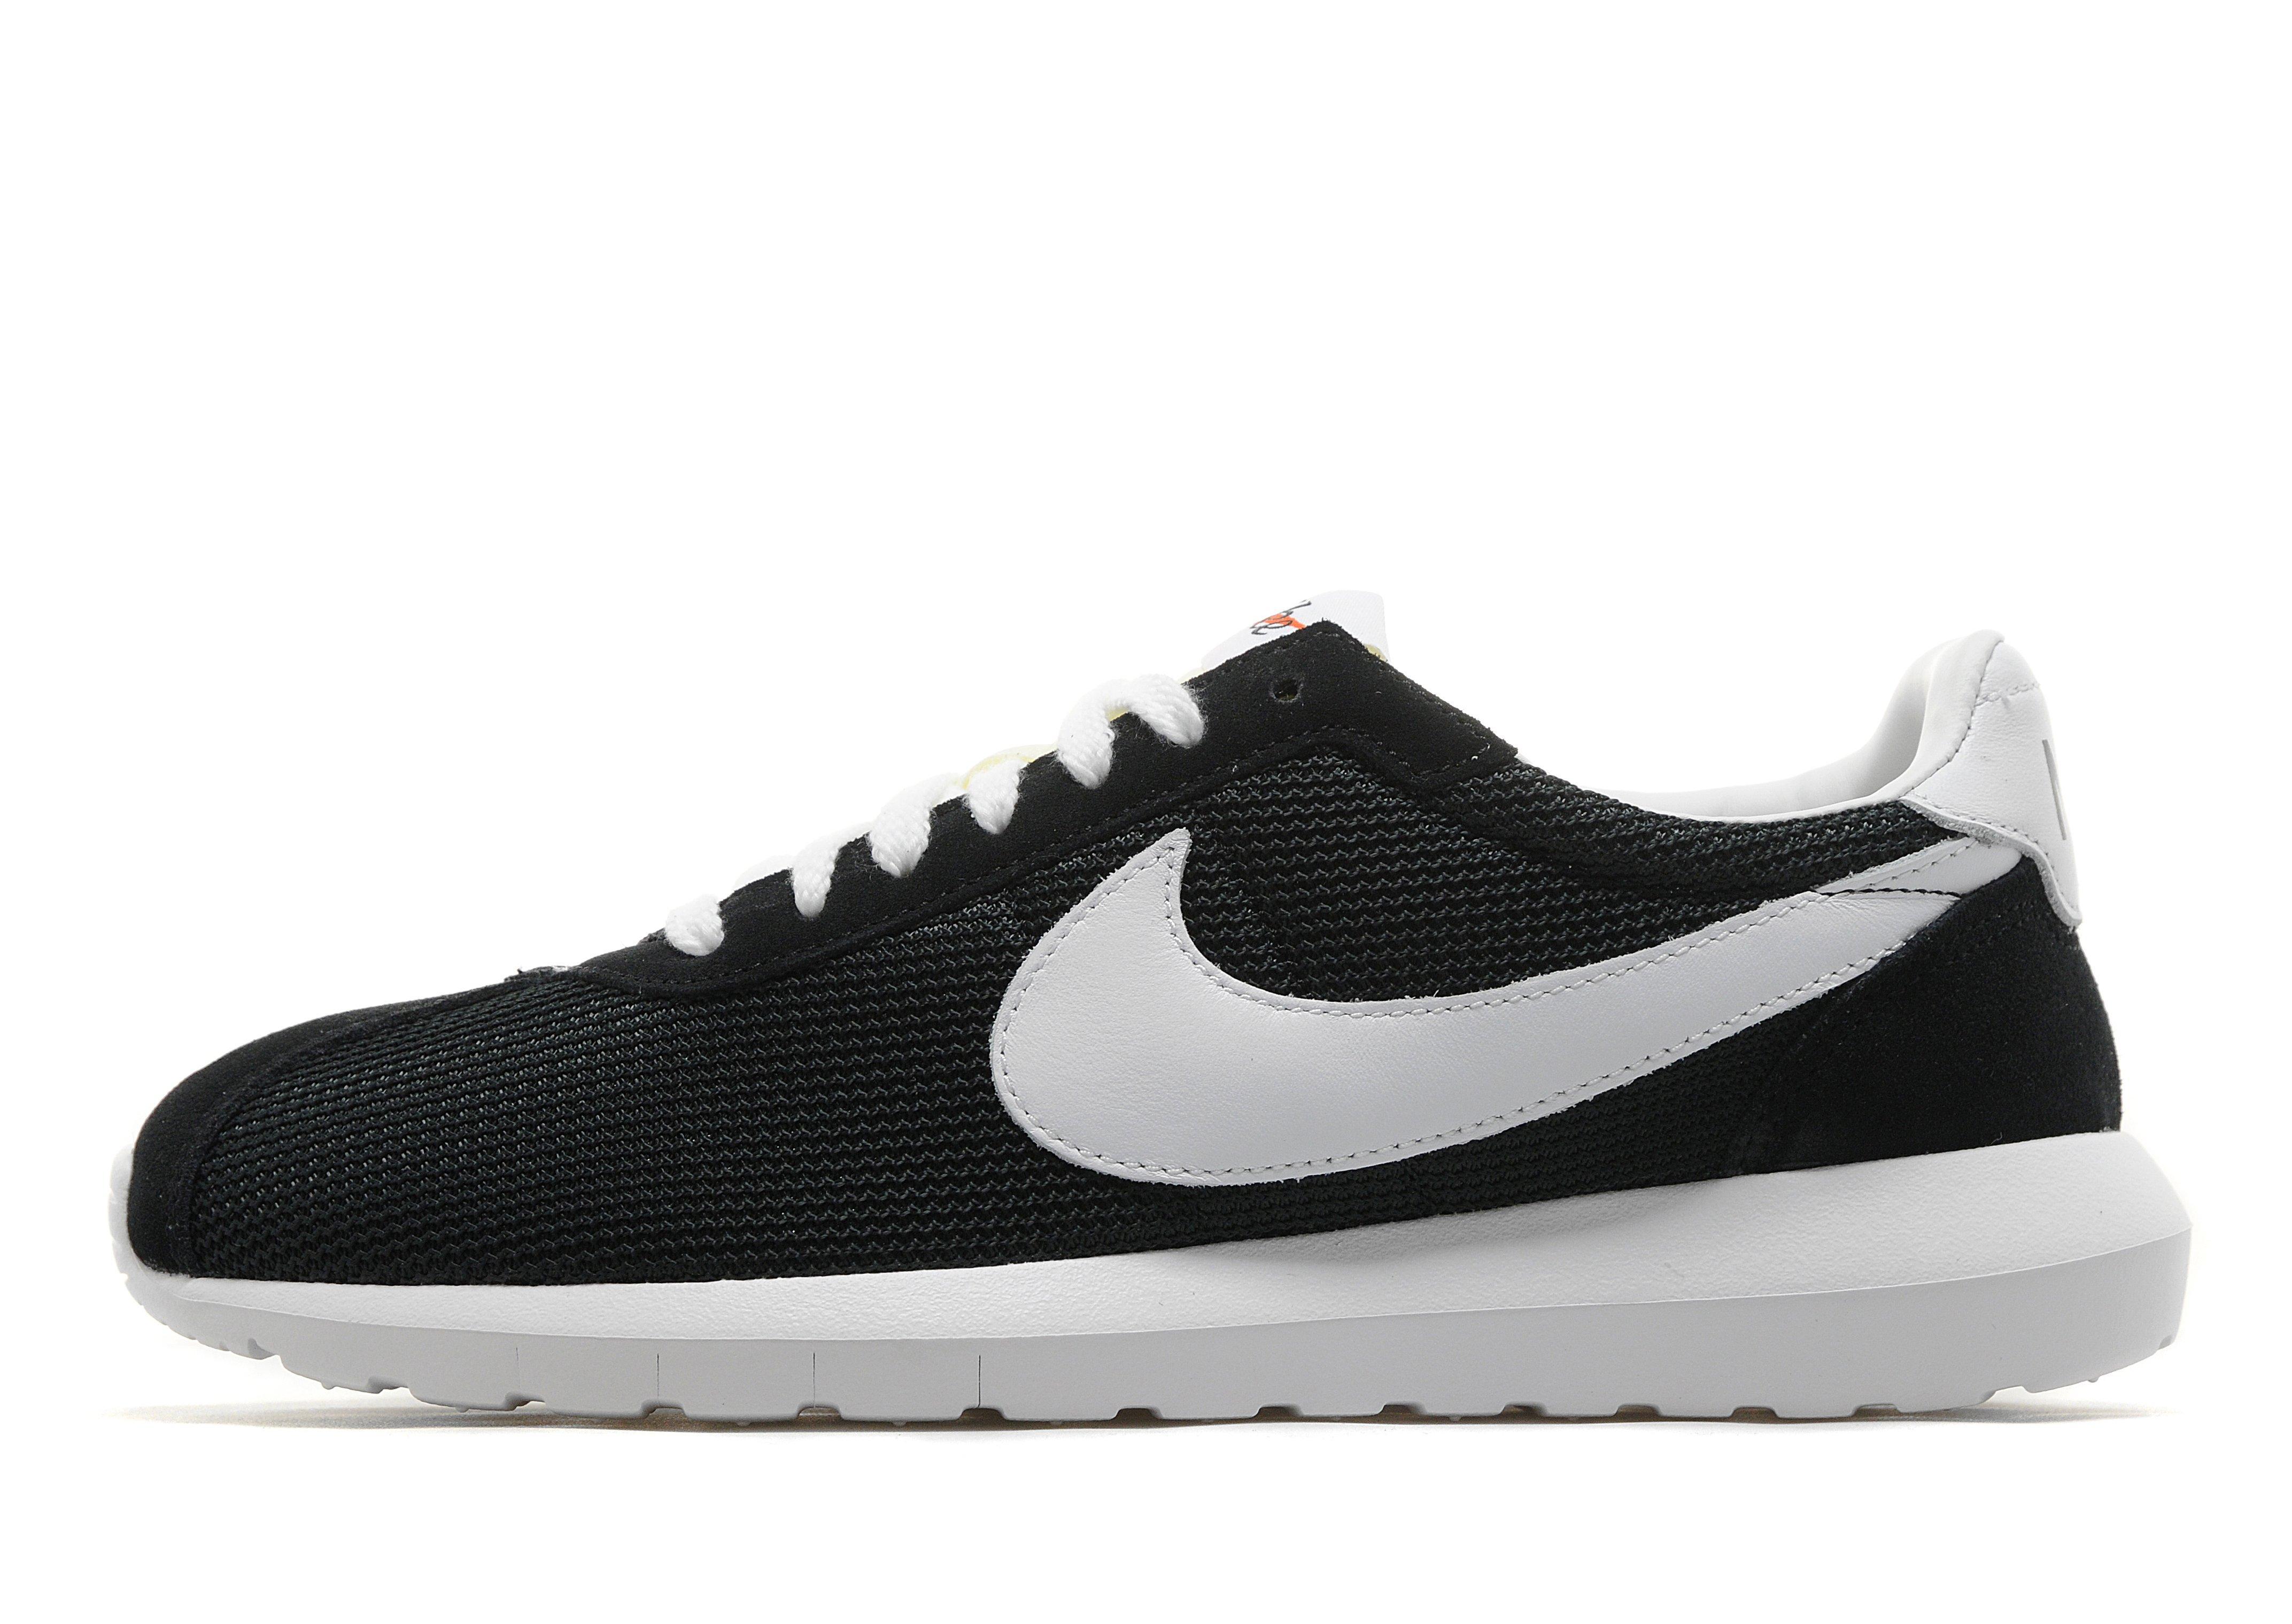 Nike Roshe Qs Ld-1000 - Ashton Noir / Blanc